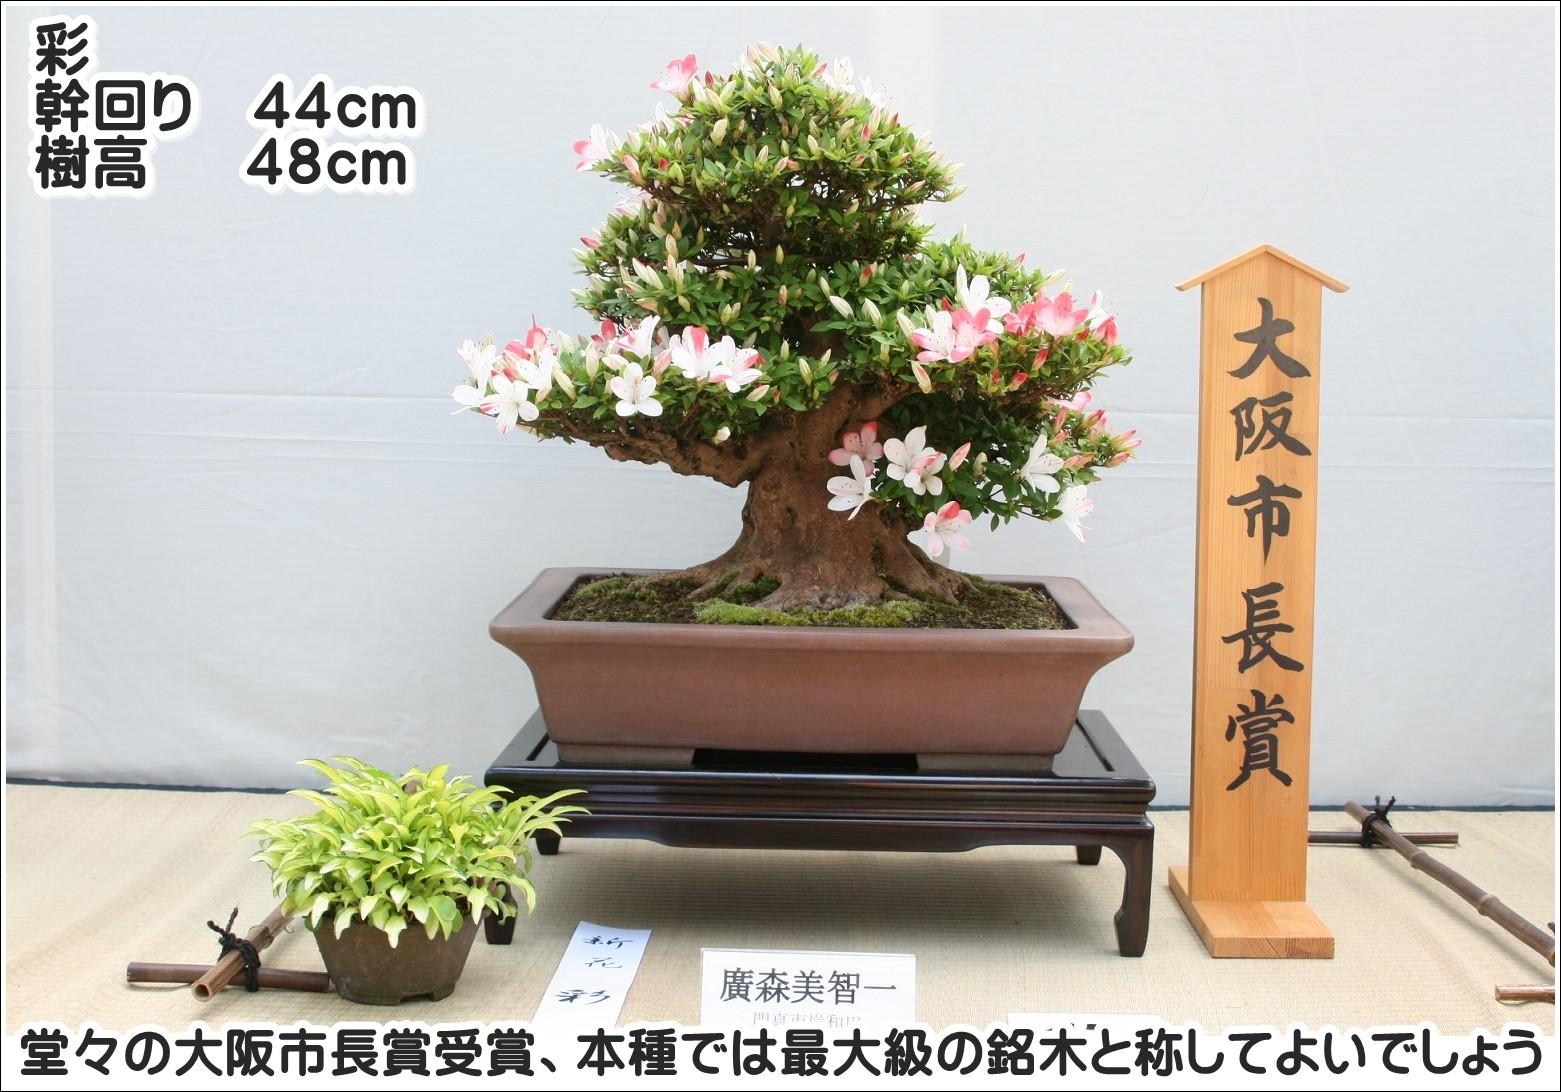 堂々の大阪市長賞受賞、本種では最大級の銘木と称してよいでしょう